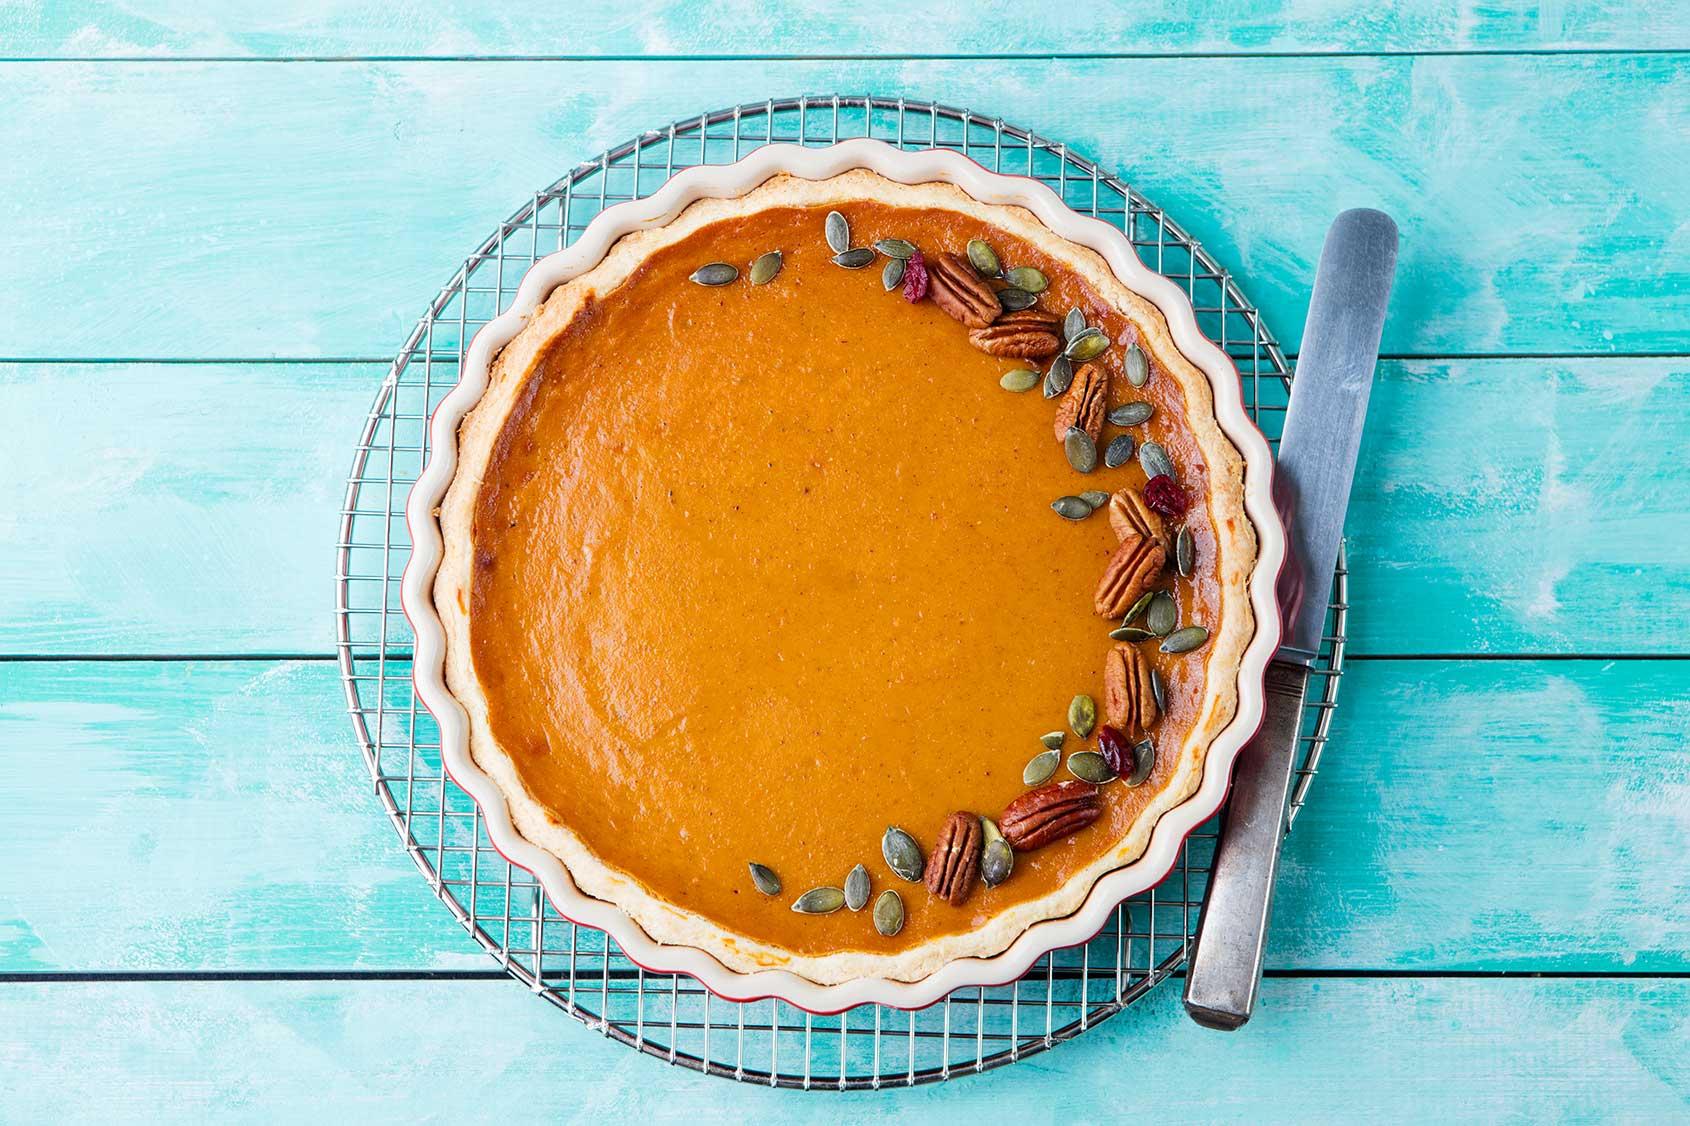 Los pasteles y tartas también vuelven con mucha fuerza en otoño.